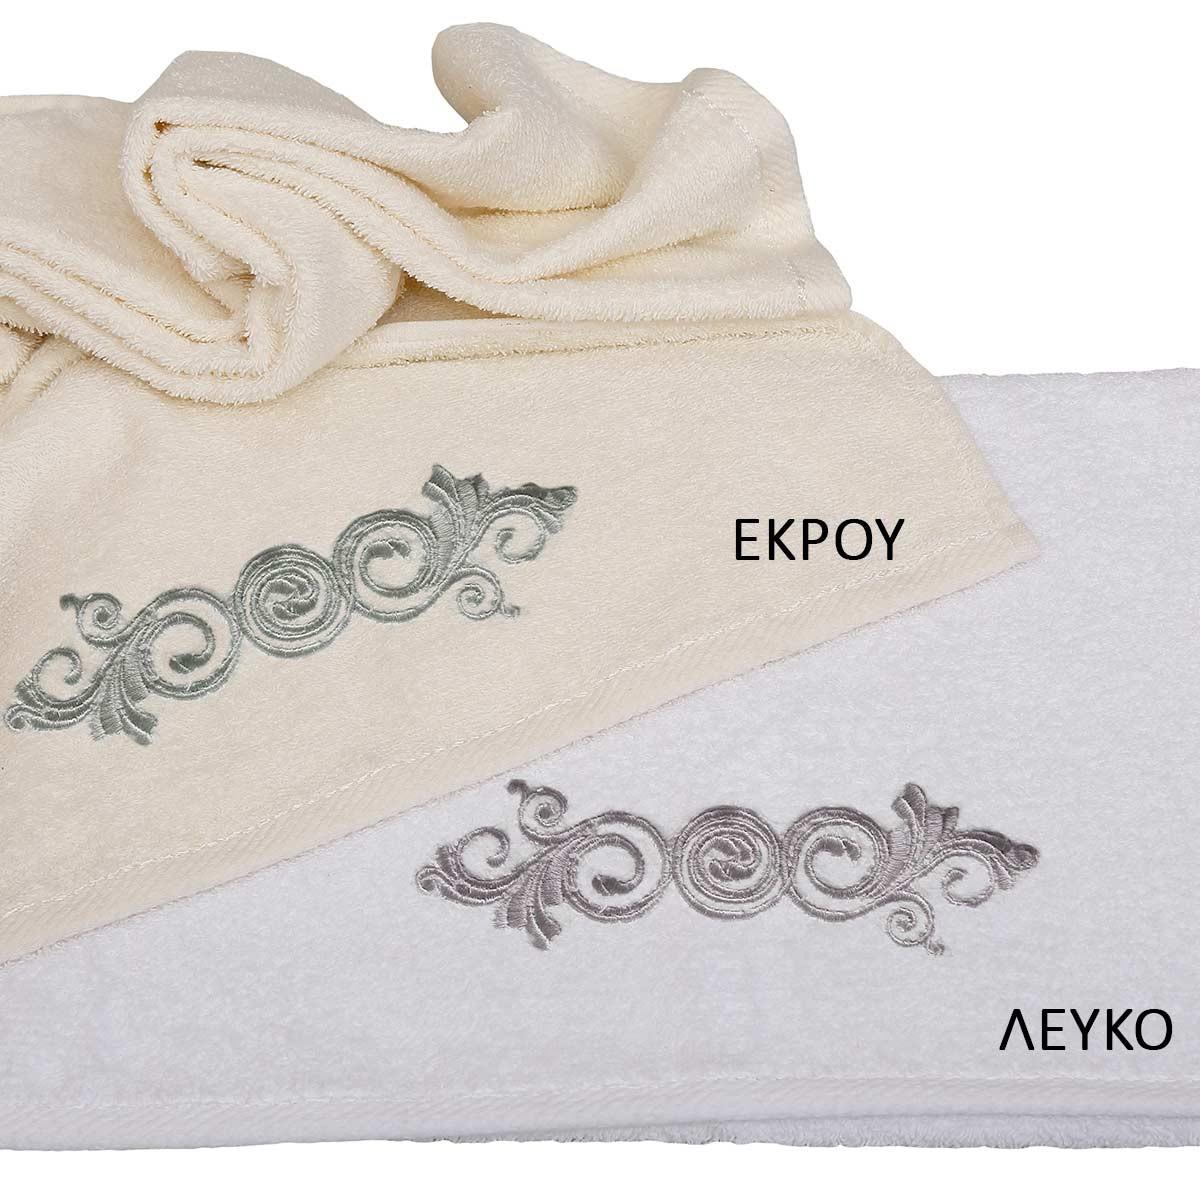 Πετσέτες Μπάνιου (Σετ 3τμχ) Viopros Applique Σχ26